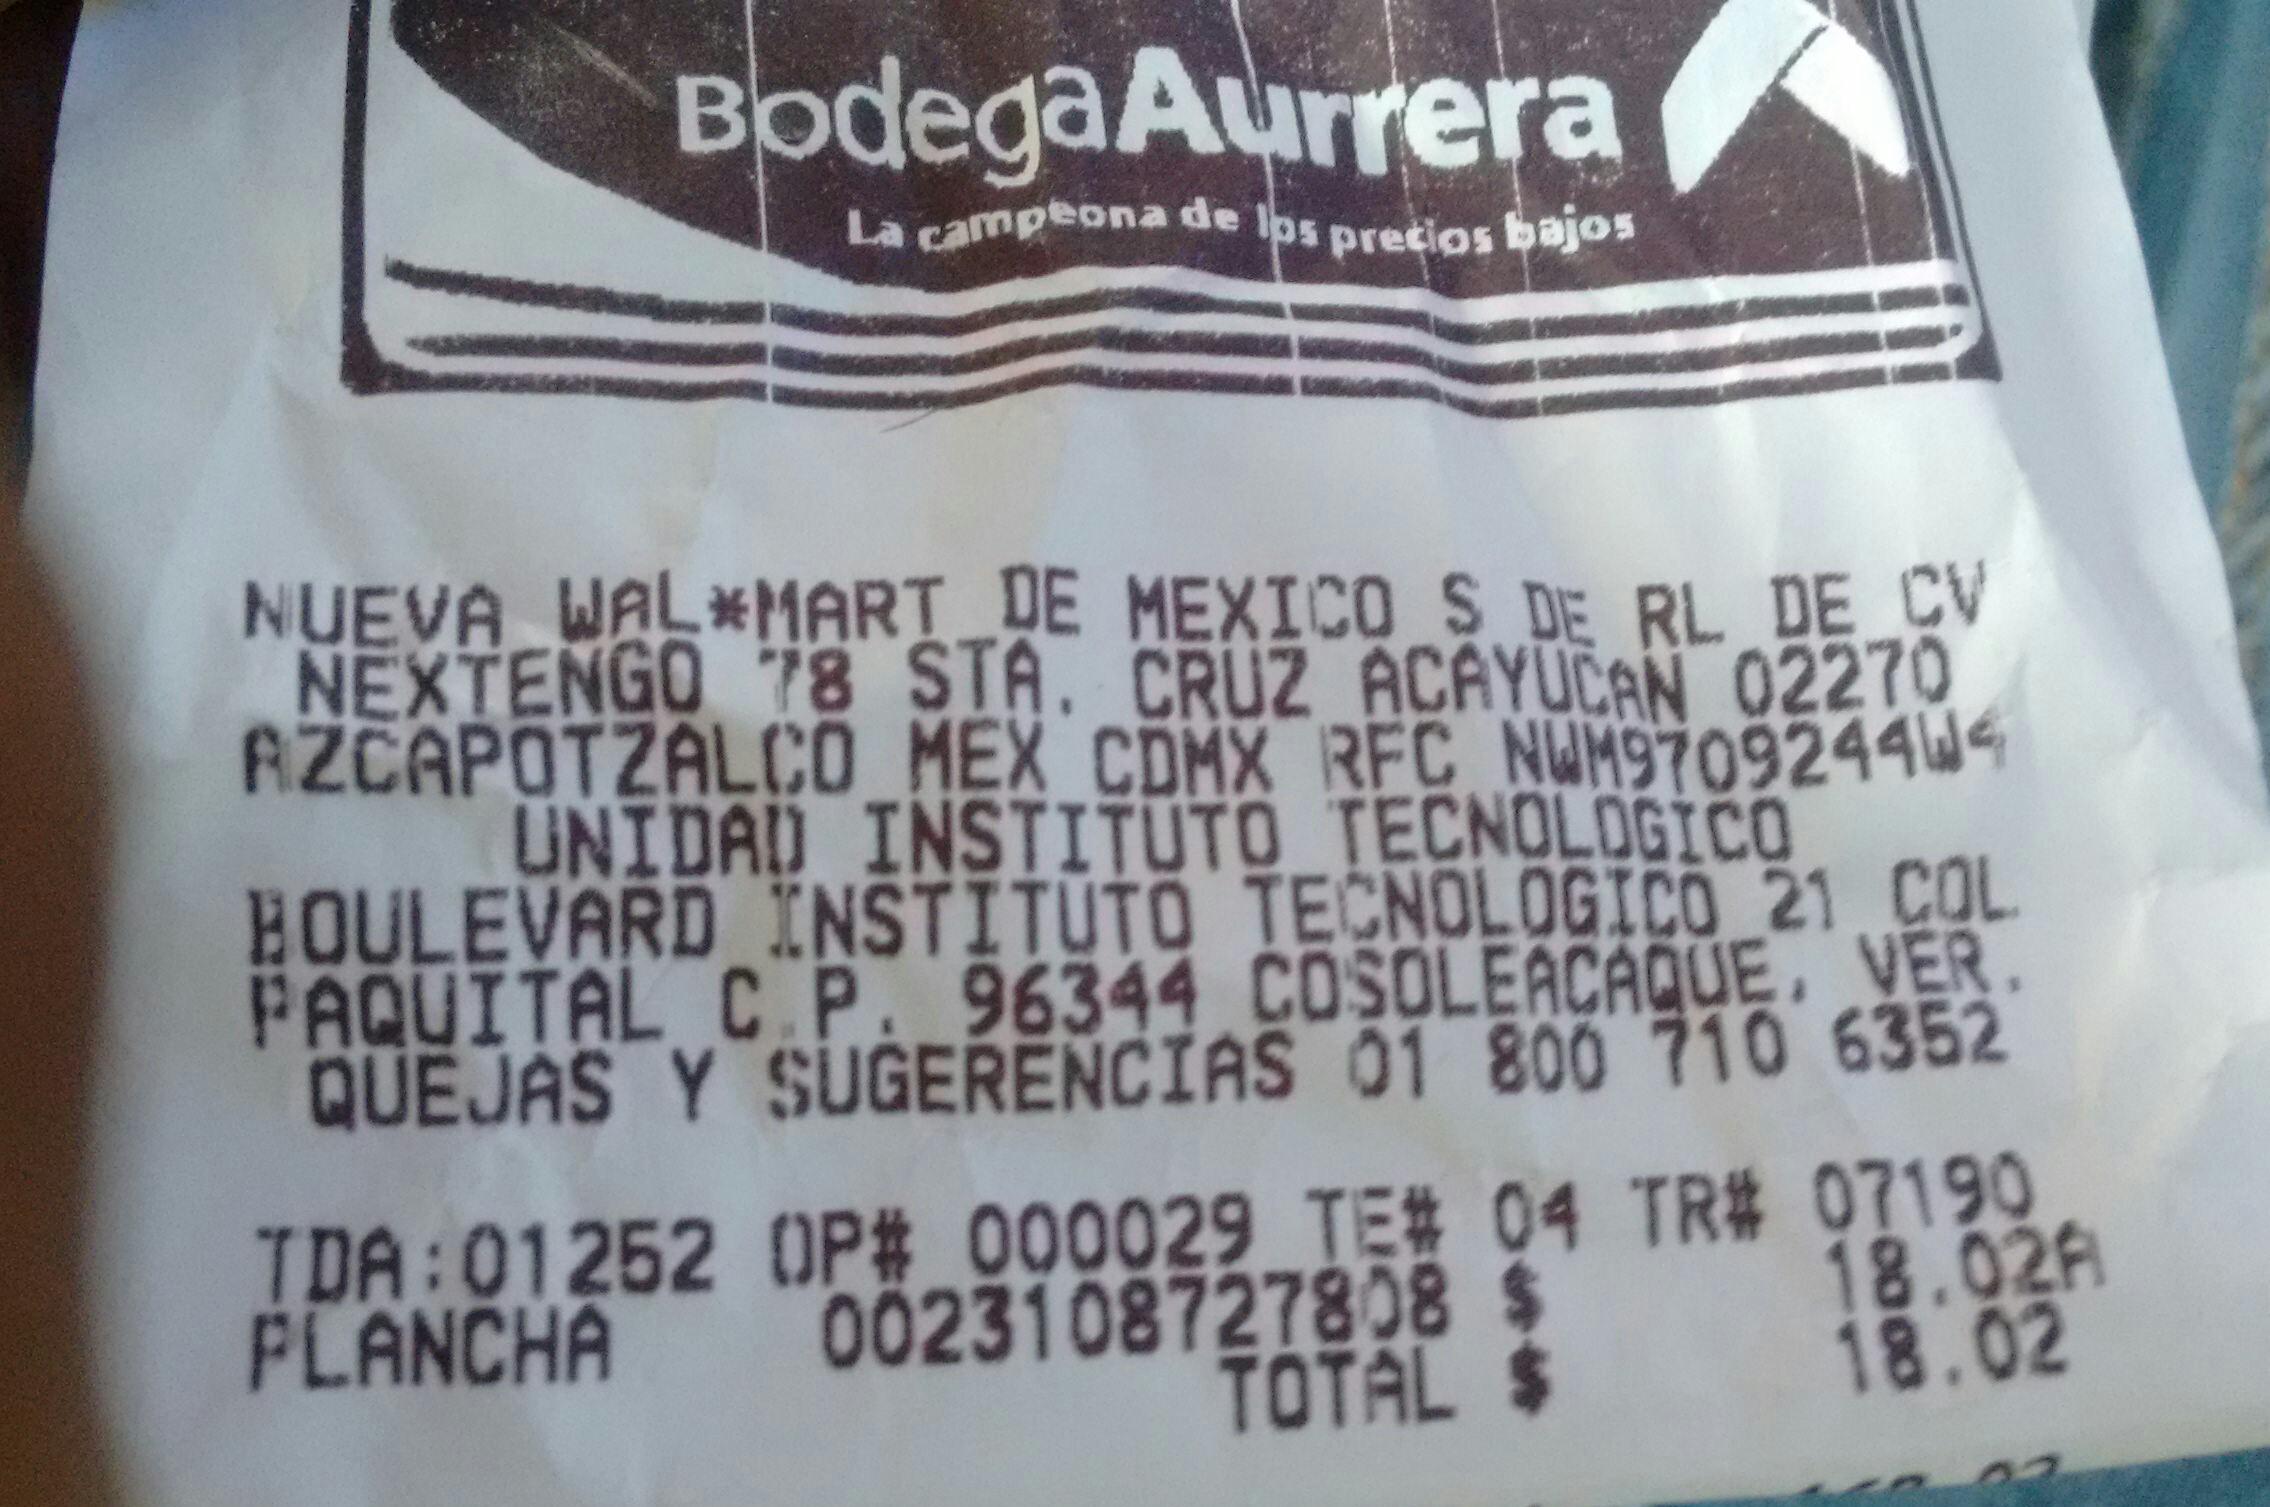 Bodega Aurrera: Plancha T-FAL Mod. FV1029